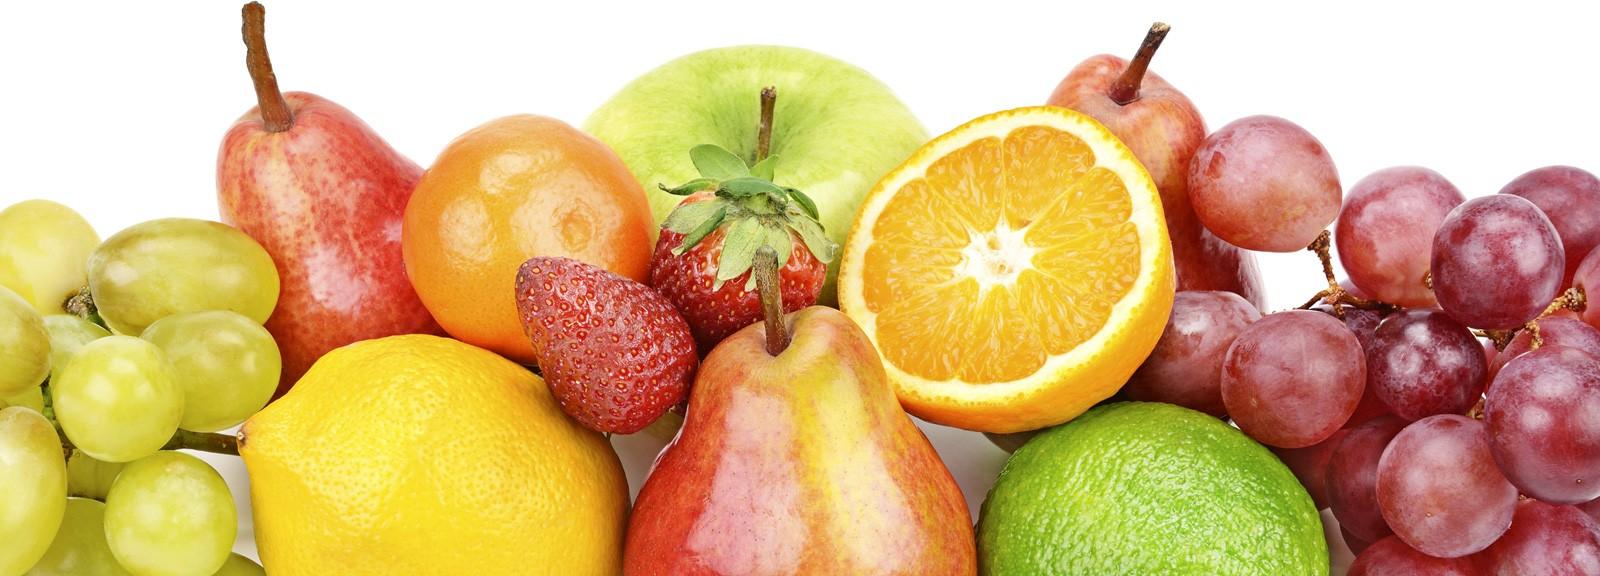 Elgiganten Odense Slowjuicer : Det saerlige ved en slow juicer er, at den kvaerner frugter og grontsager - Elgiganten